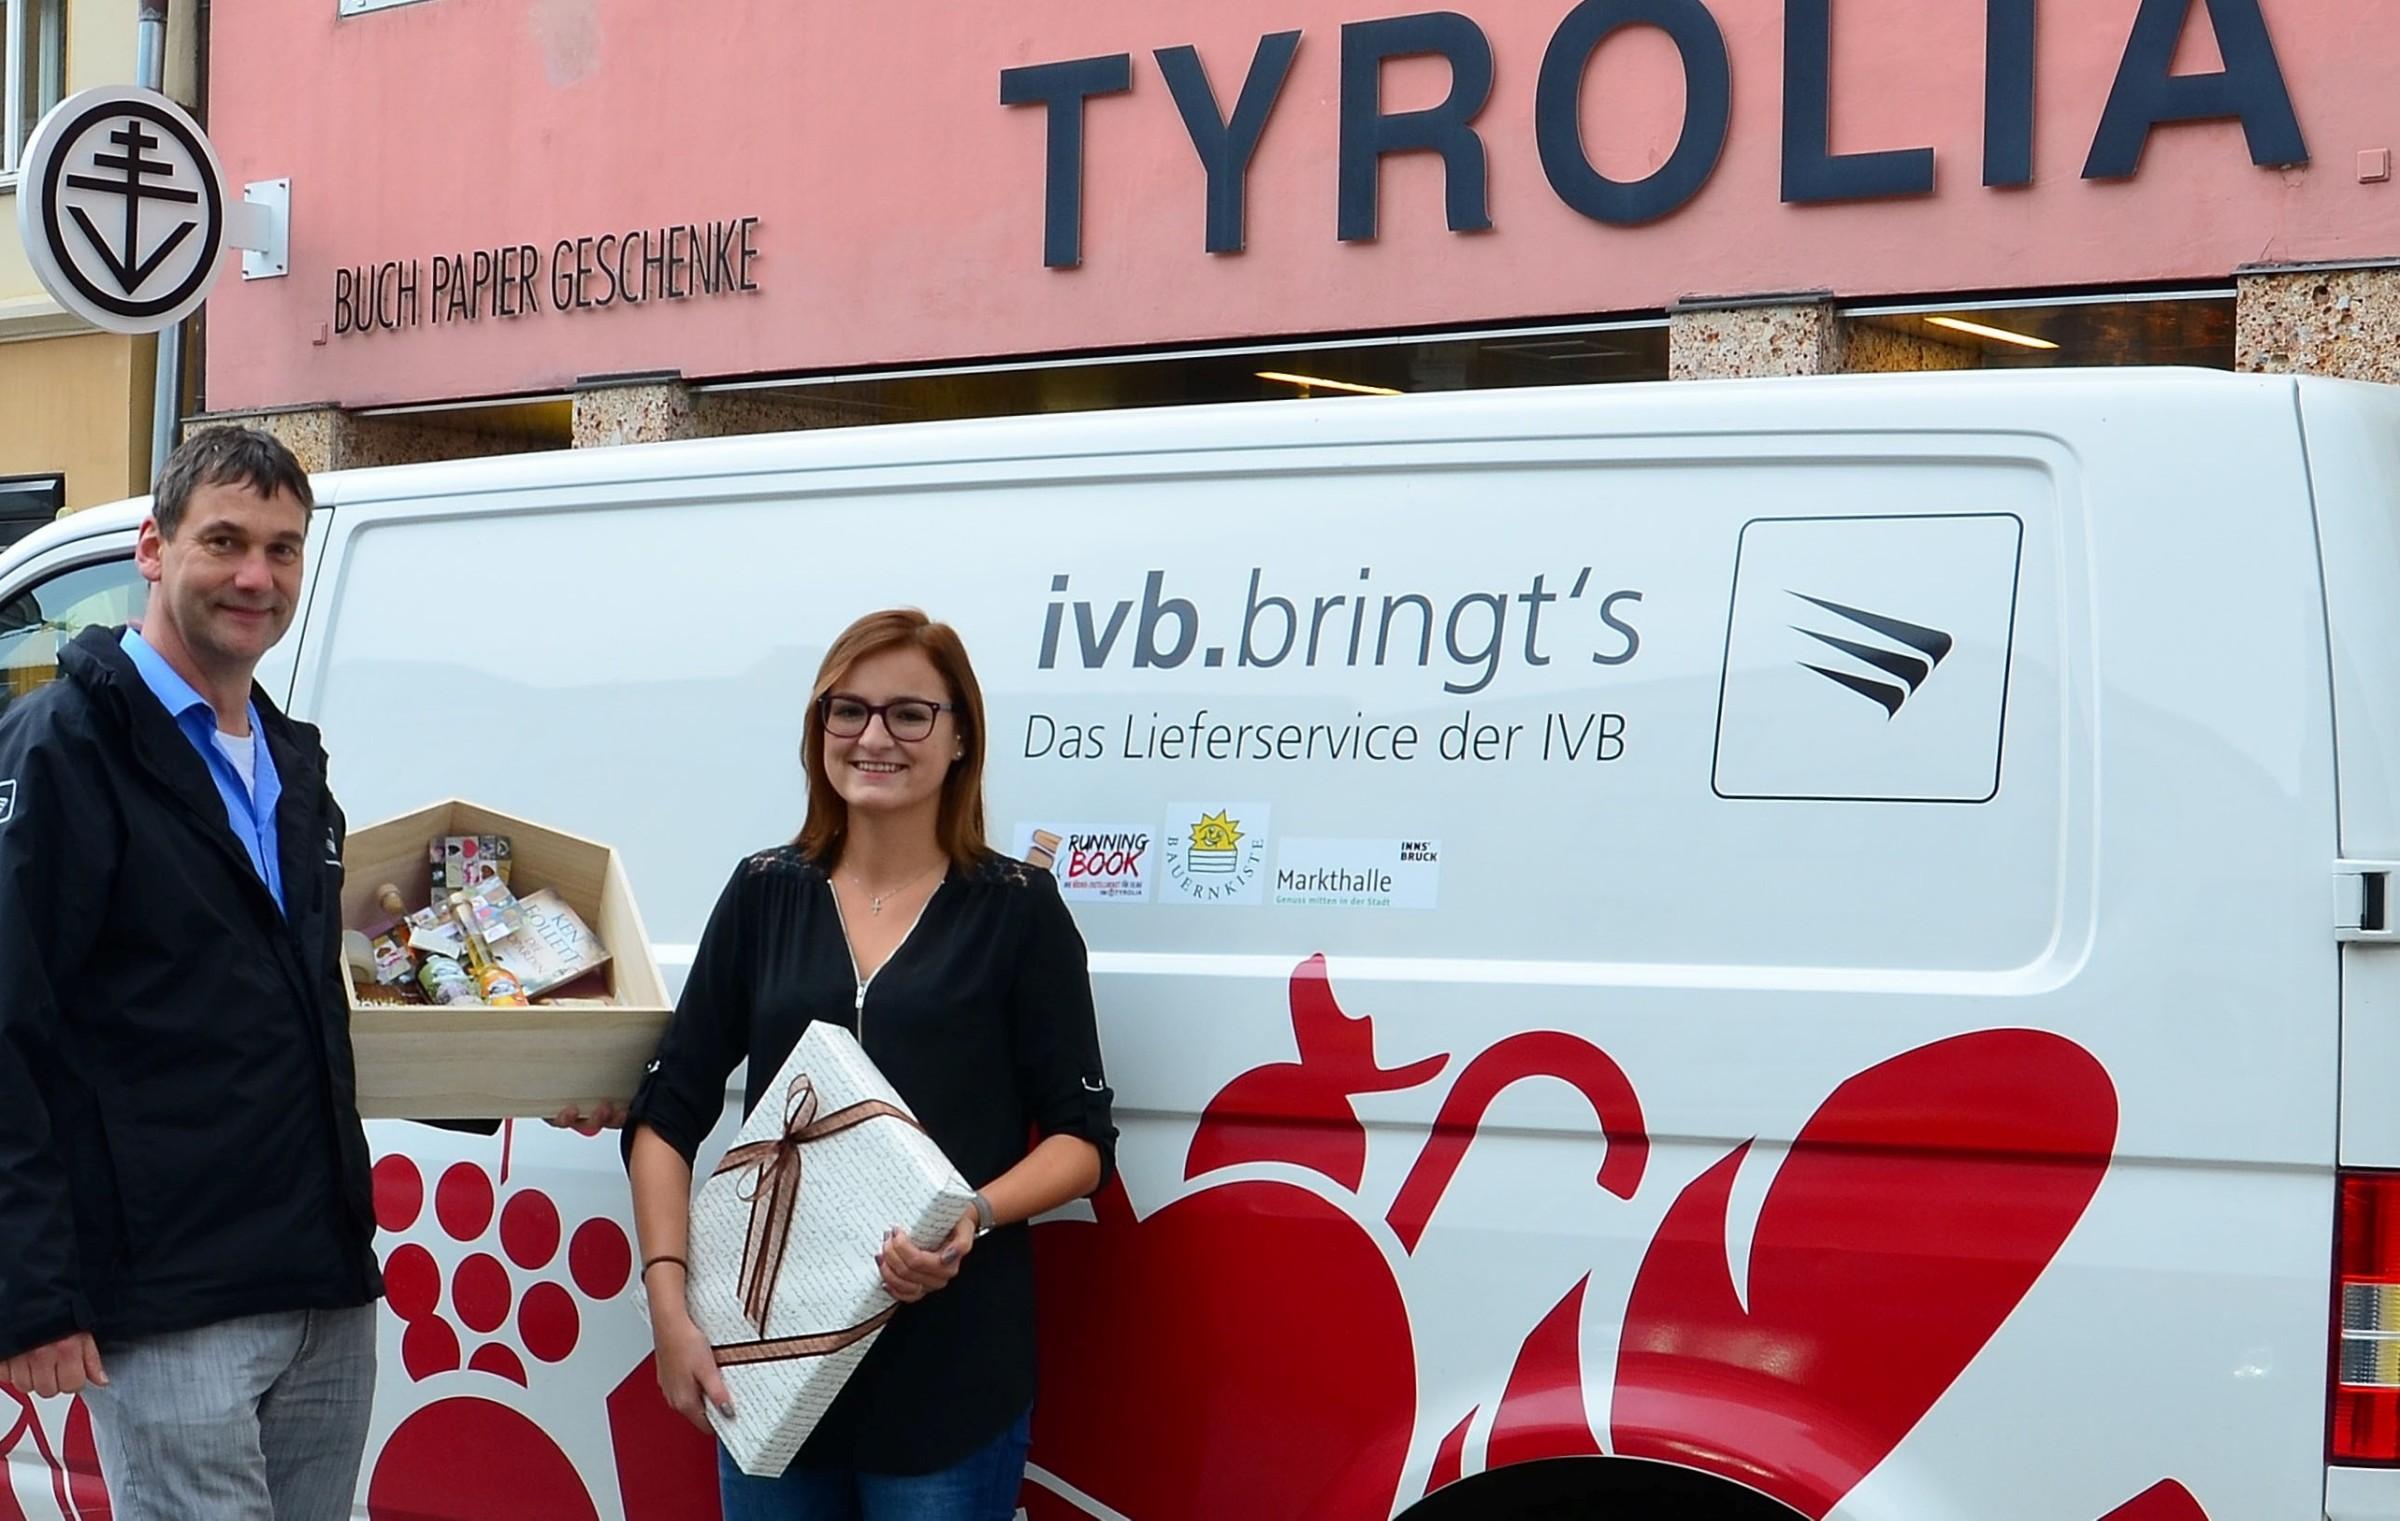 Tyrolia bietet taggleichen Liefer- und Geschenkservice an